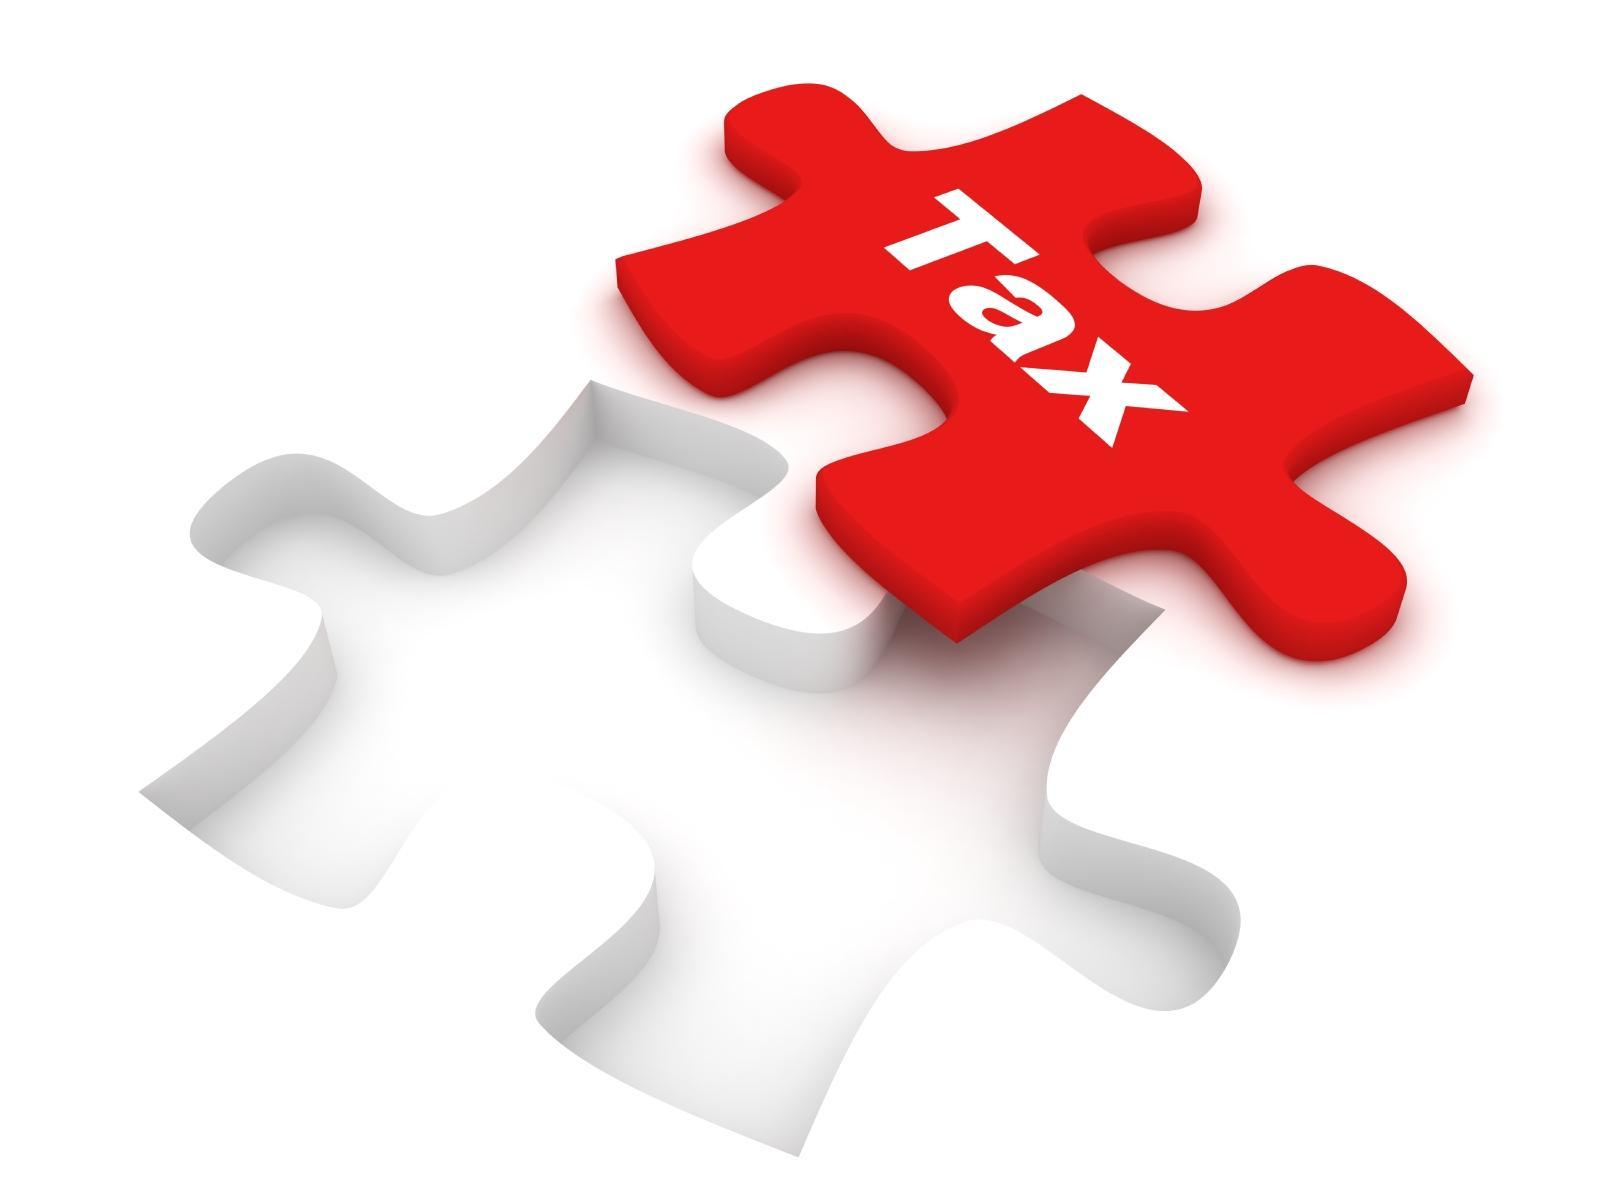 ابلاغ قانون اصلاح قانون مالیاتهای مستقیم برای اجرا به وزارت امور اقتصادی و دارایی